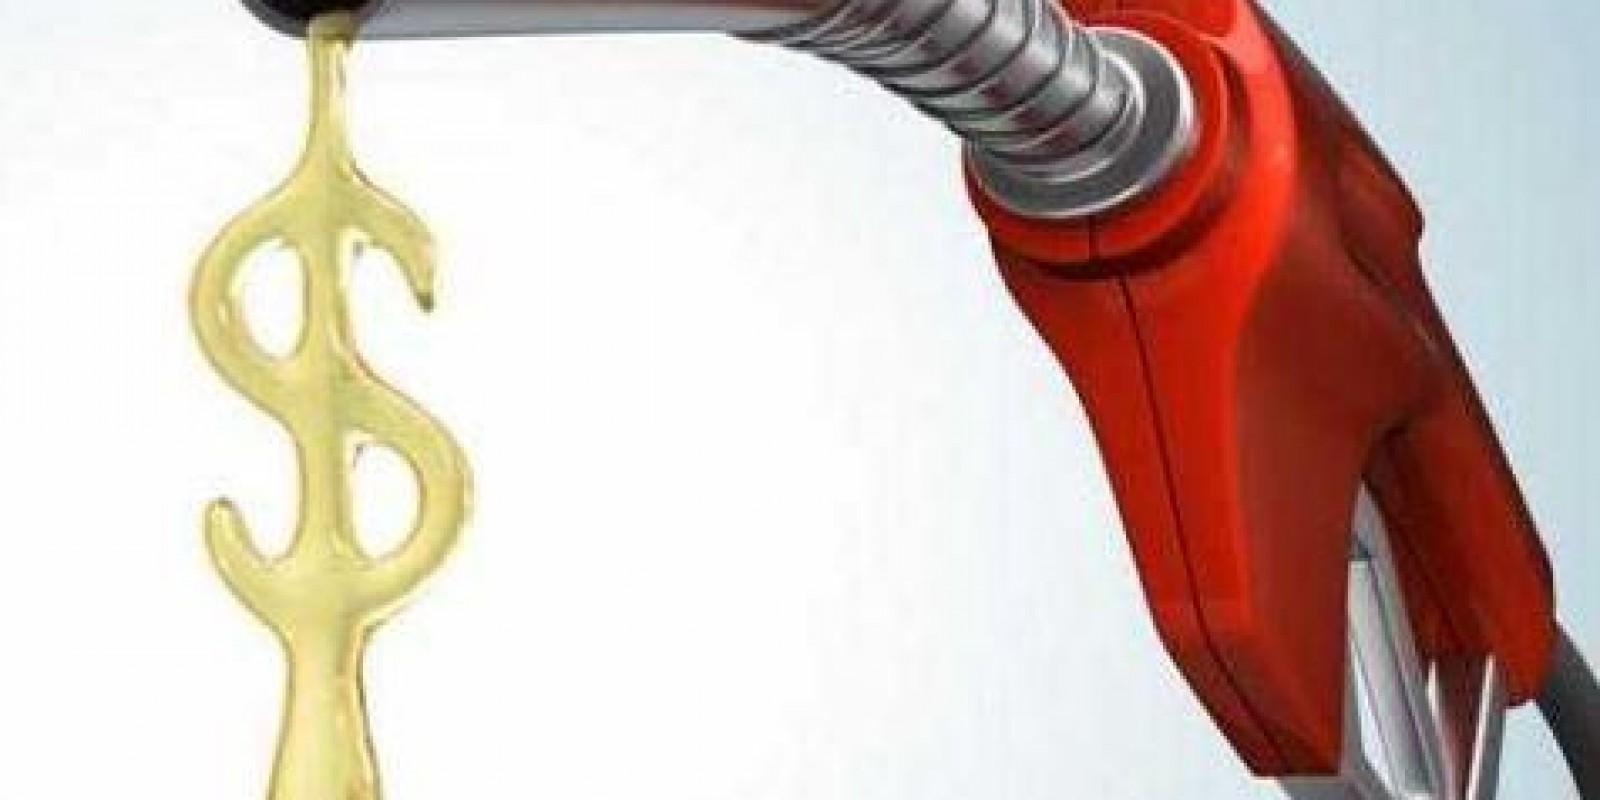 STJ: ICMS não incide na dilatação de combustível em razão do calor